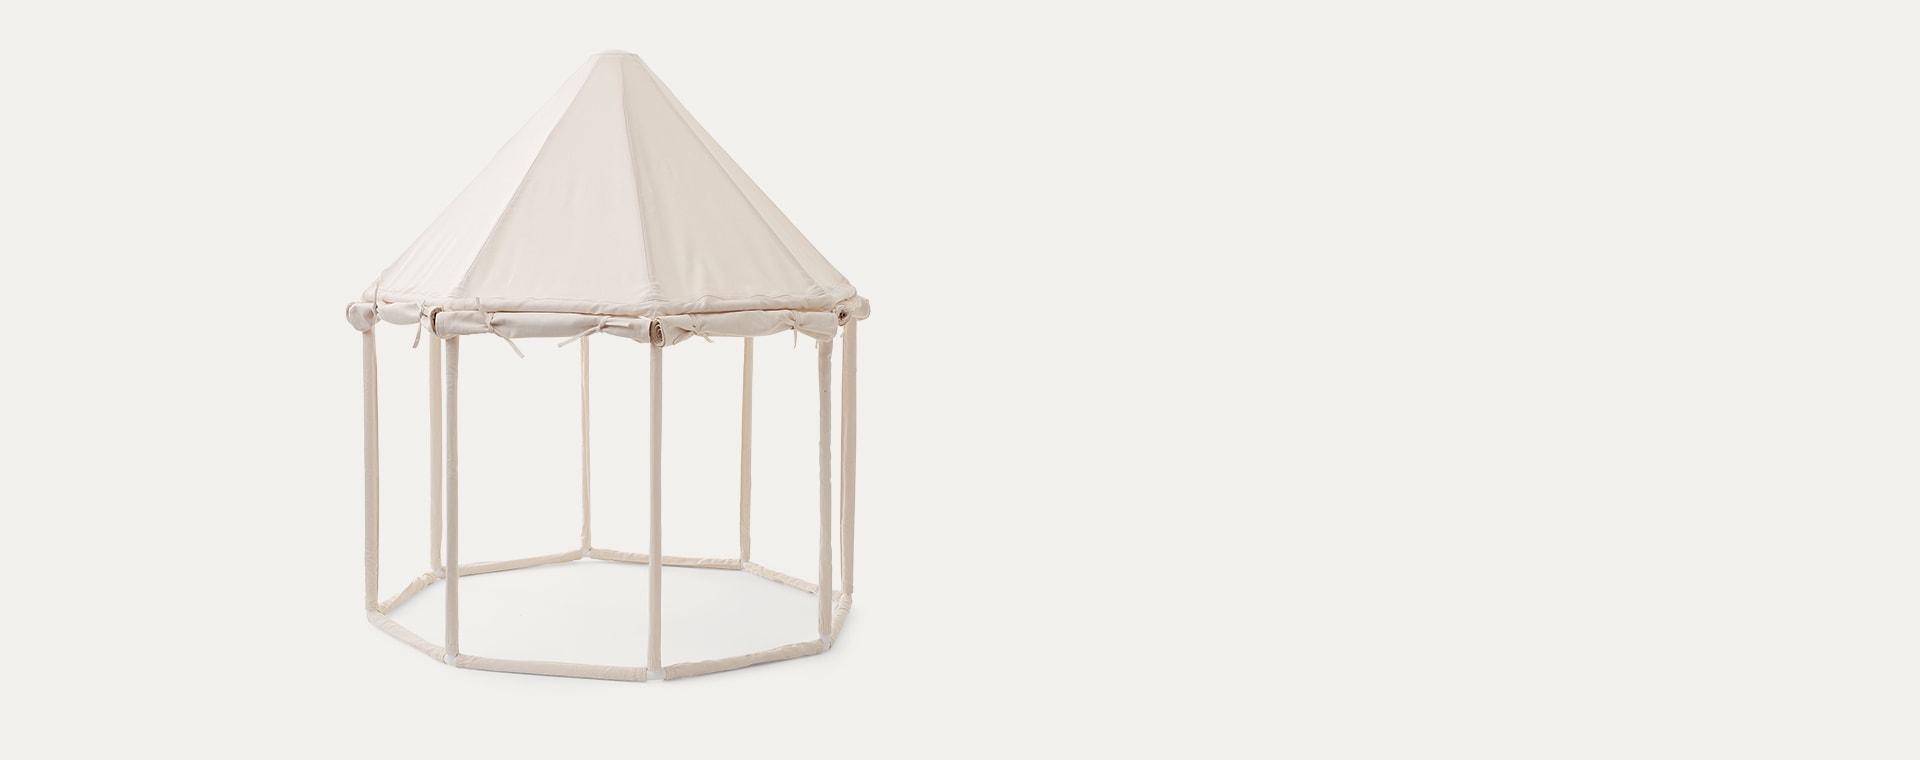 Off White Kid's Concept Pavilion Tent